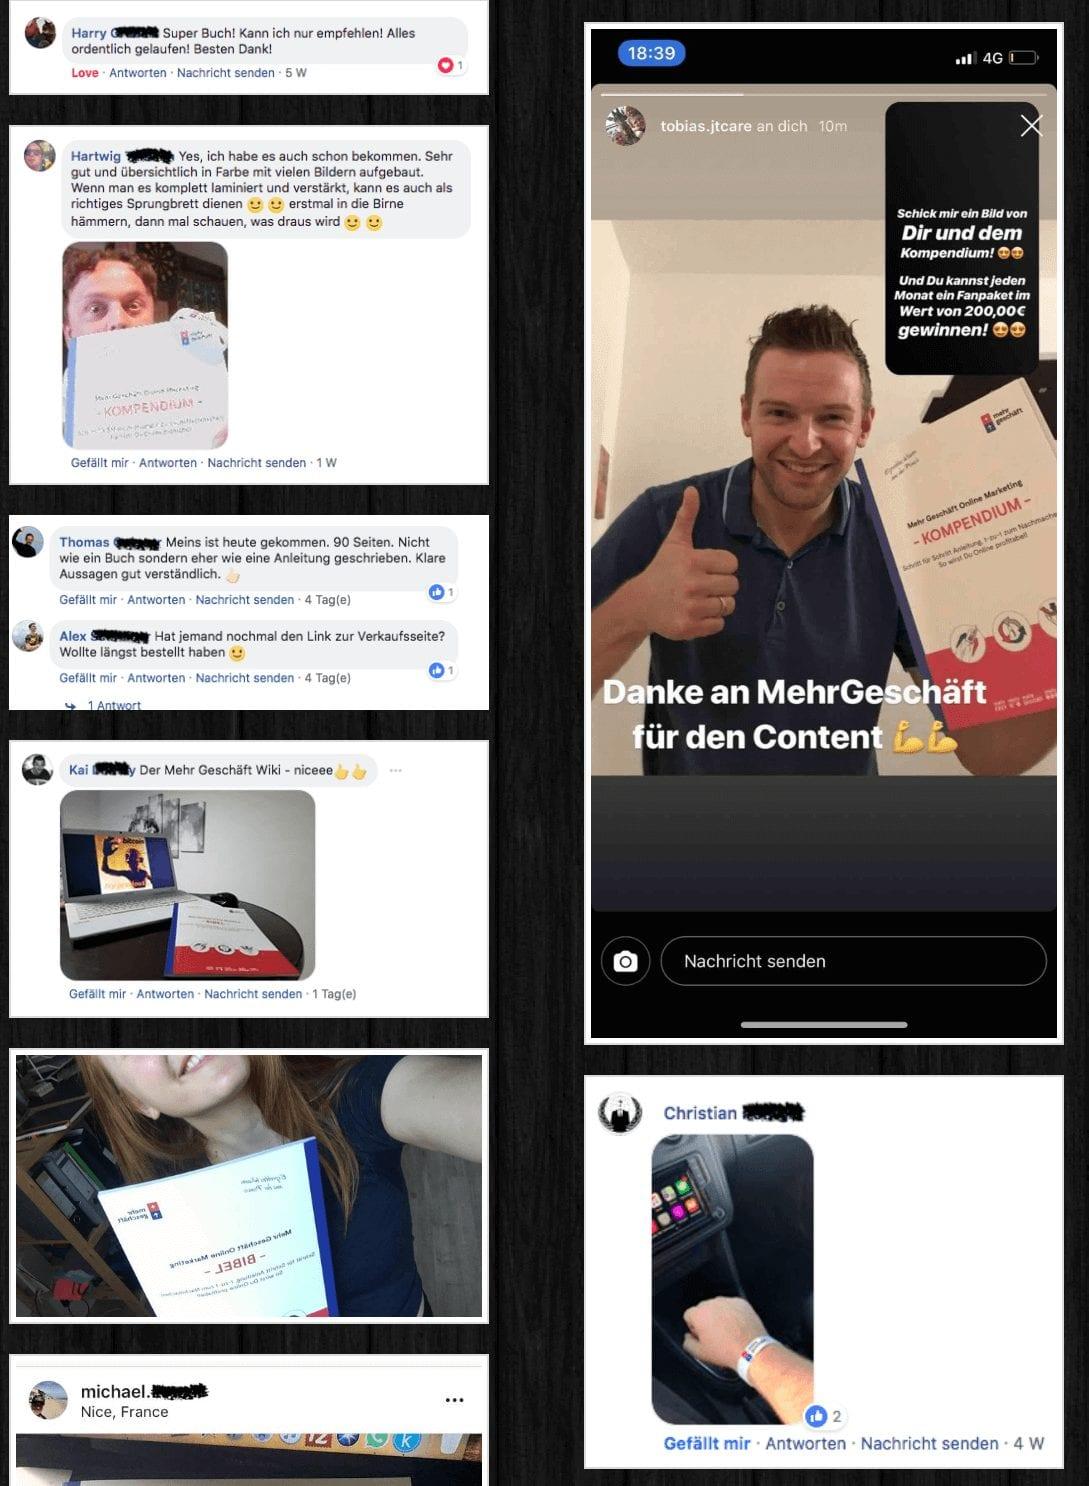 Online Marketing Kompendium Buch Erfahrungen Mehr Geschäft